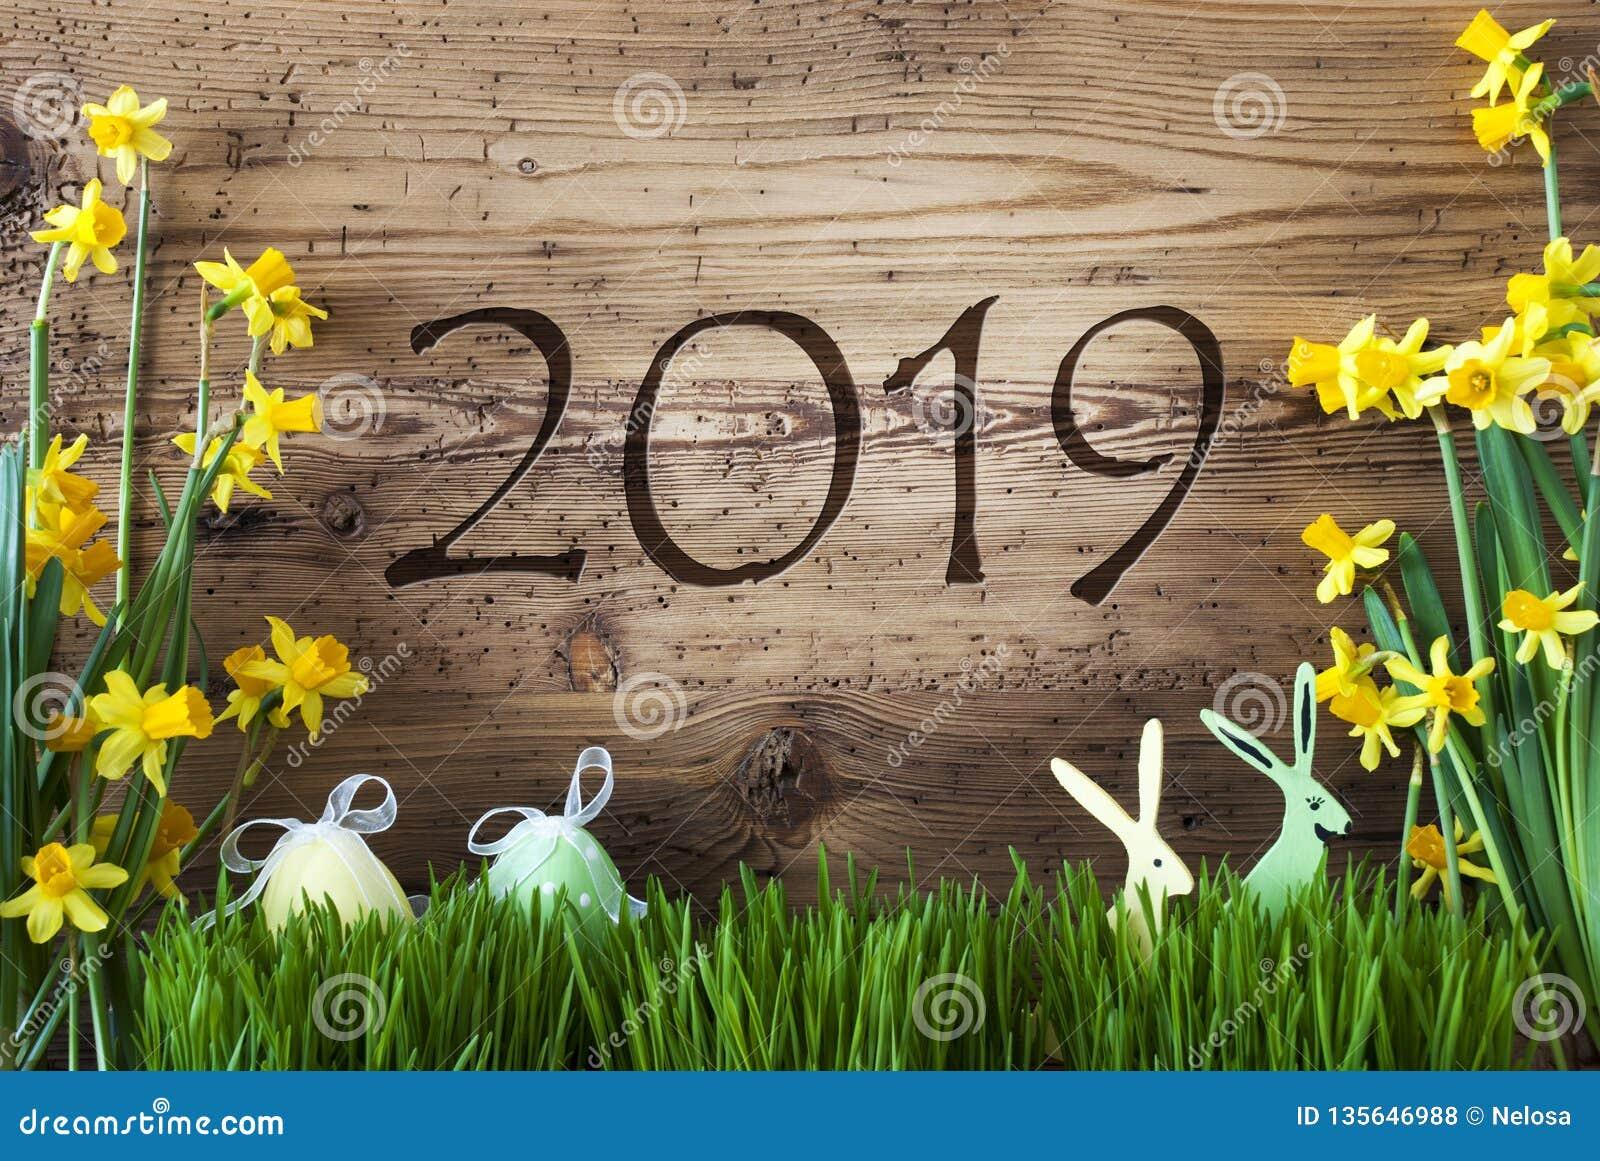 Wielkanocna dekoracja, Gras, tekst 2019, Brown Drewniany tło